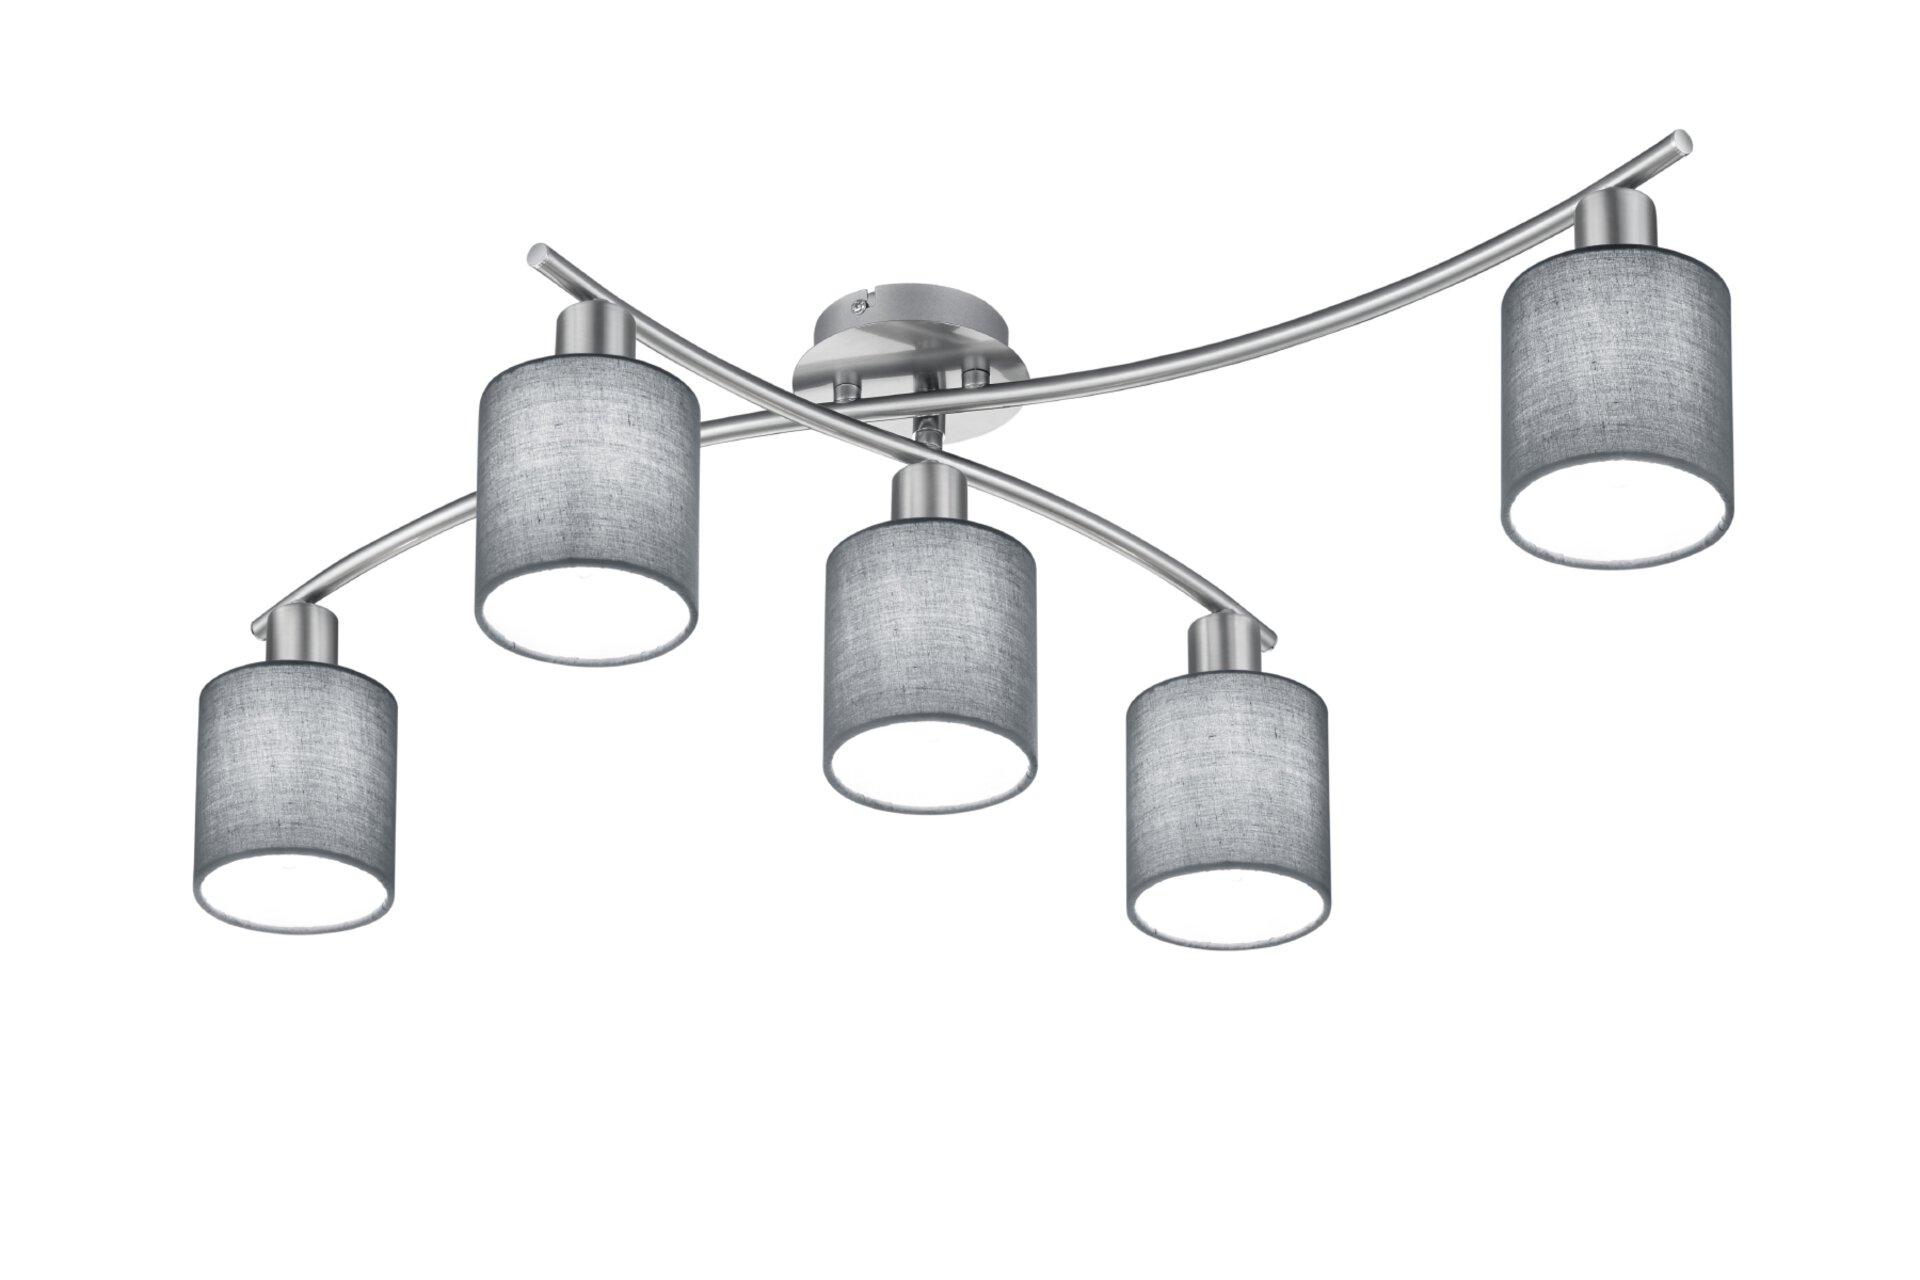 Deckenleuchte Garda Trio Leuchten Metall silber 20 x 24 x 80 cm